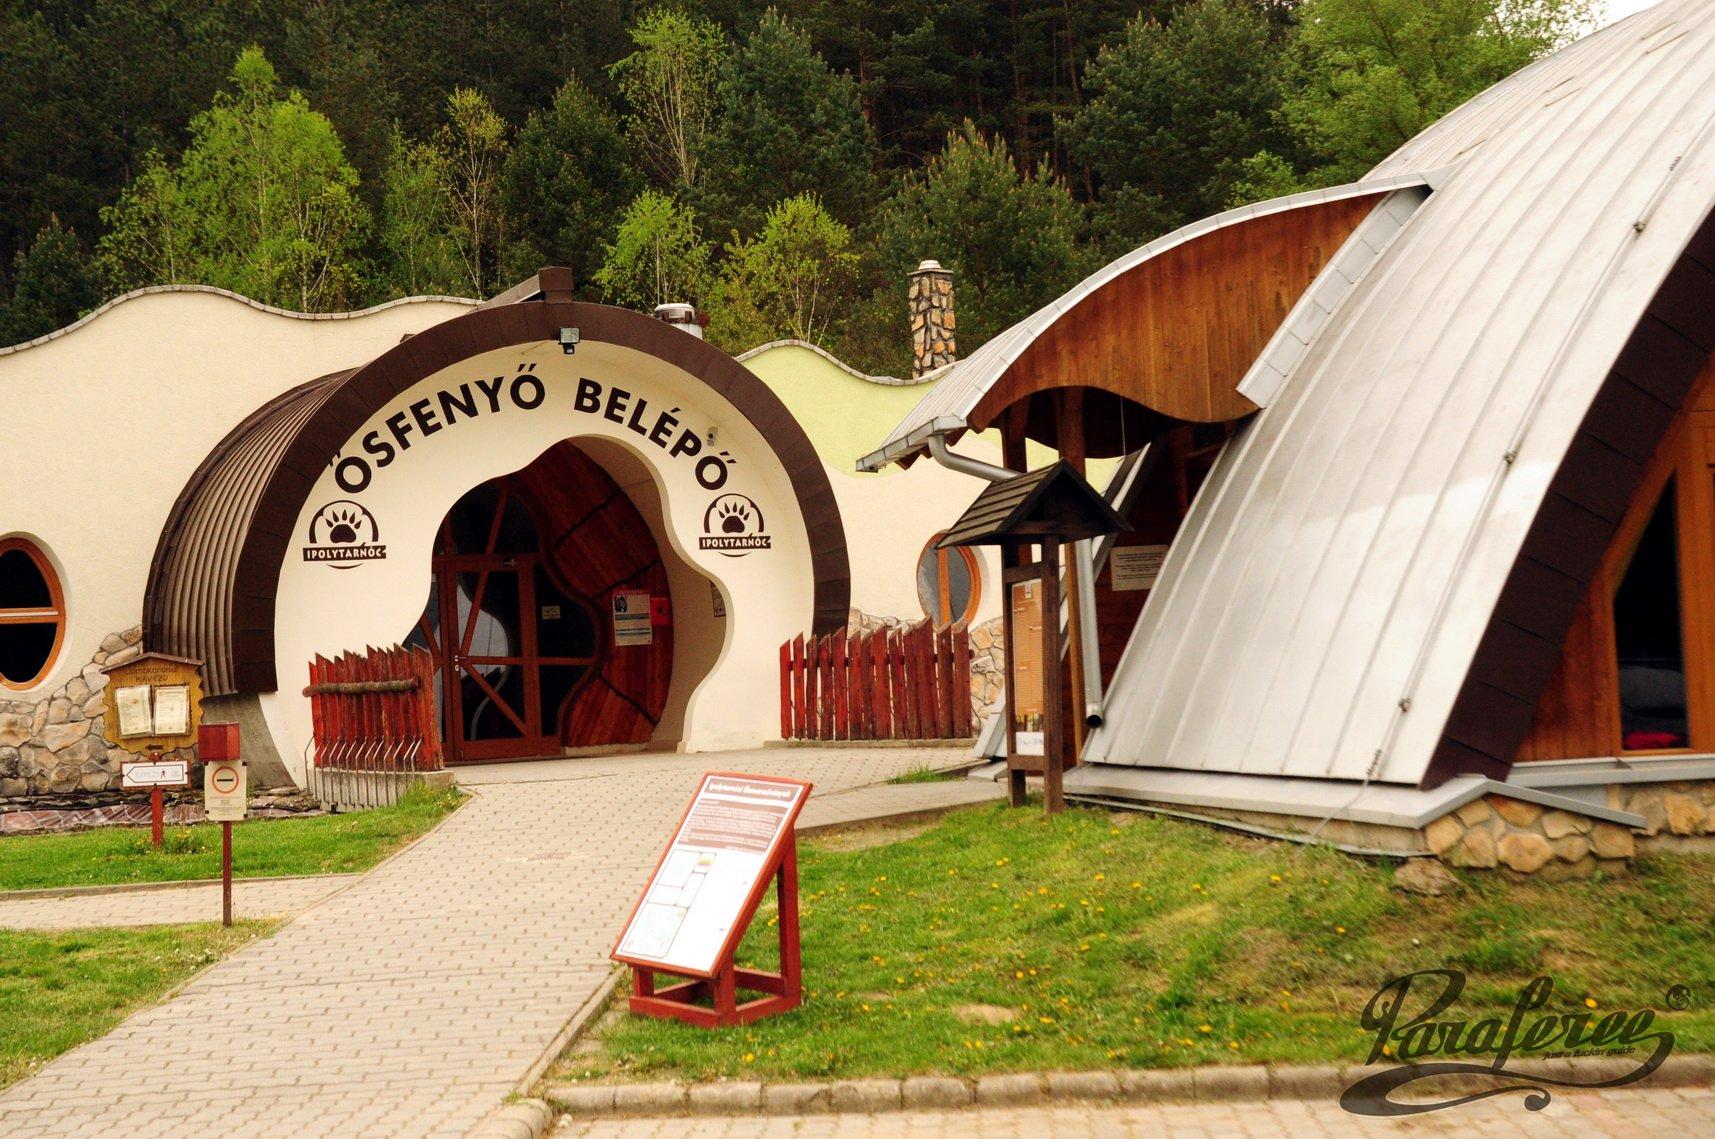 Az ipolytarnóci Geopark fogadóépülete